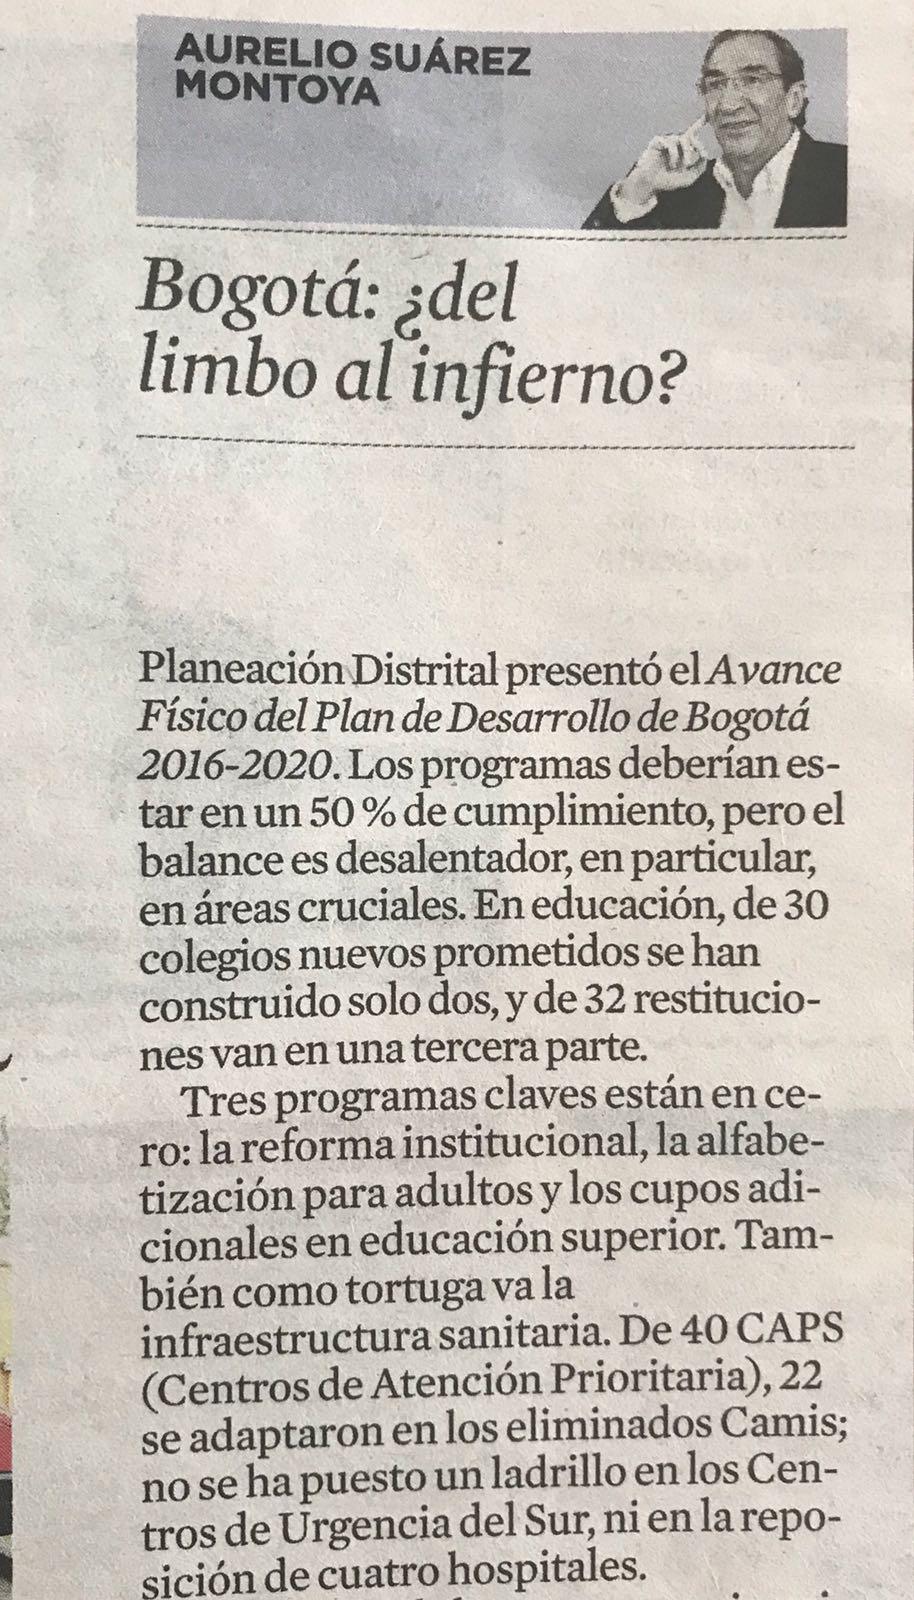 Bogotá: ¿del limbo al infierno? Artículo de Aurelio Suárez publicado en El Espectador.